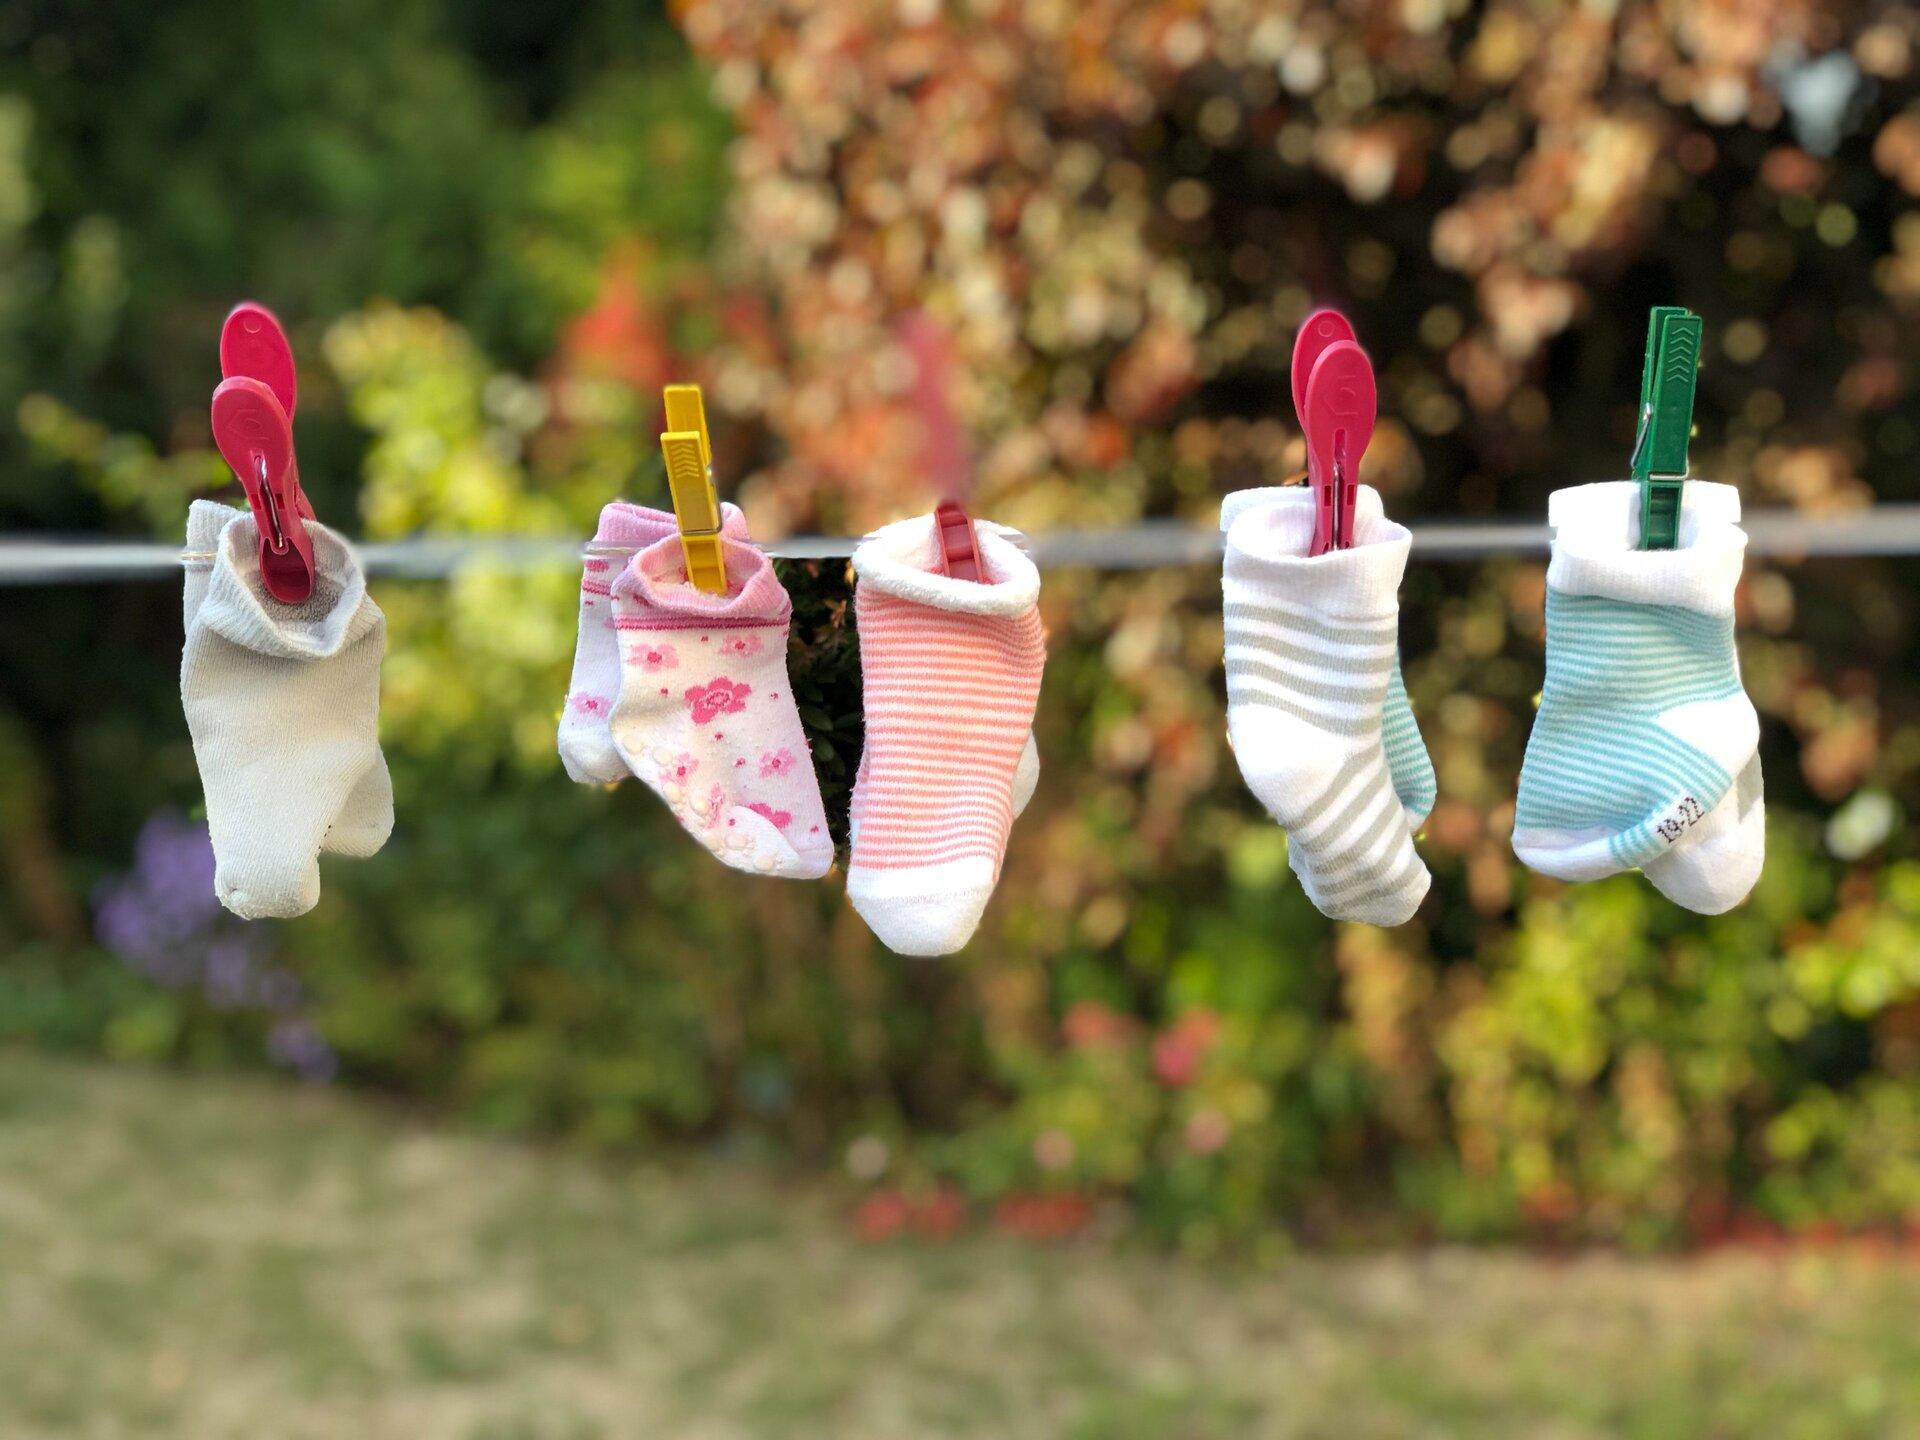 Babysocken an einer Wäscheleine